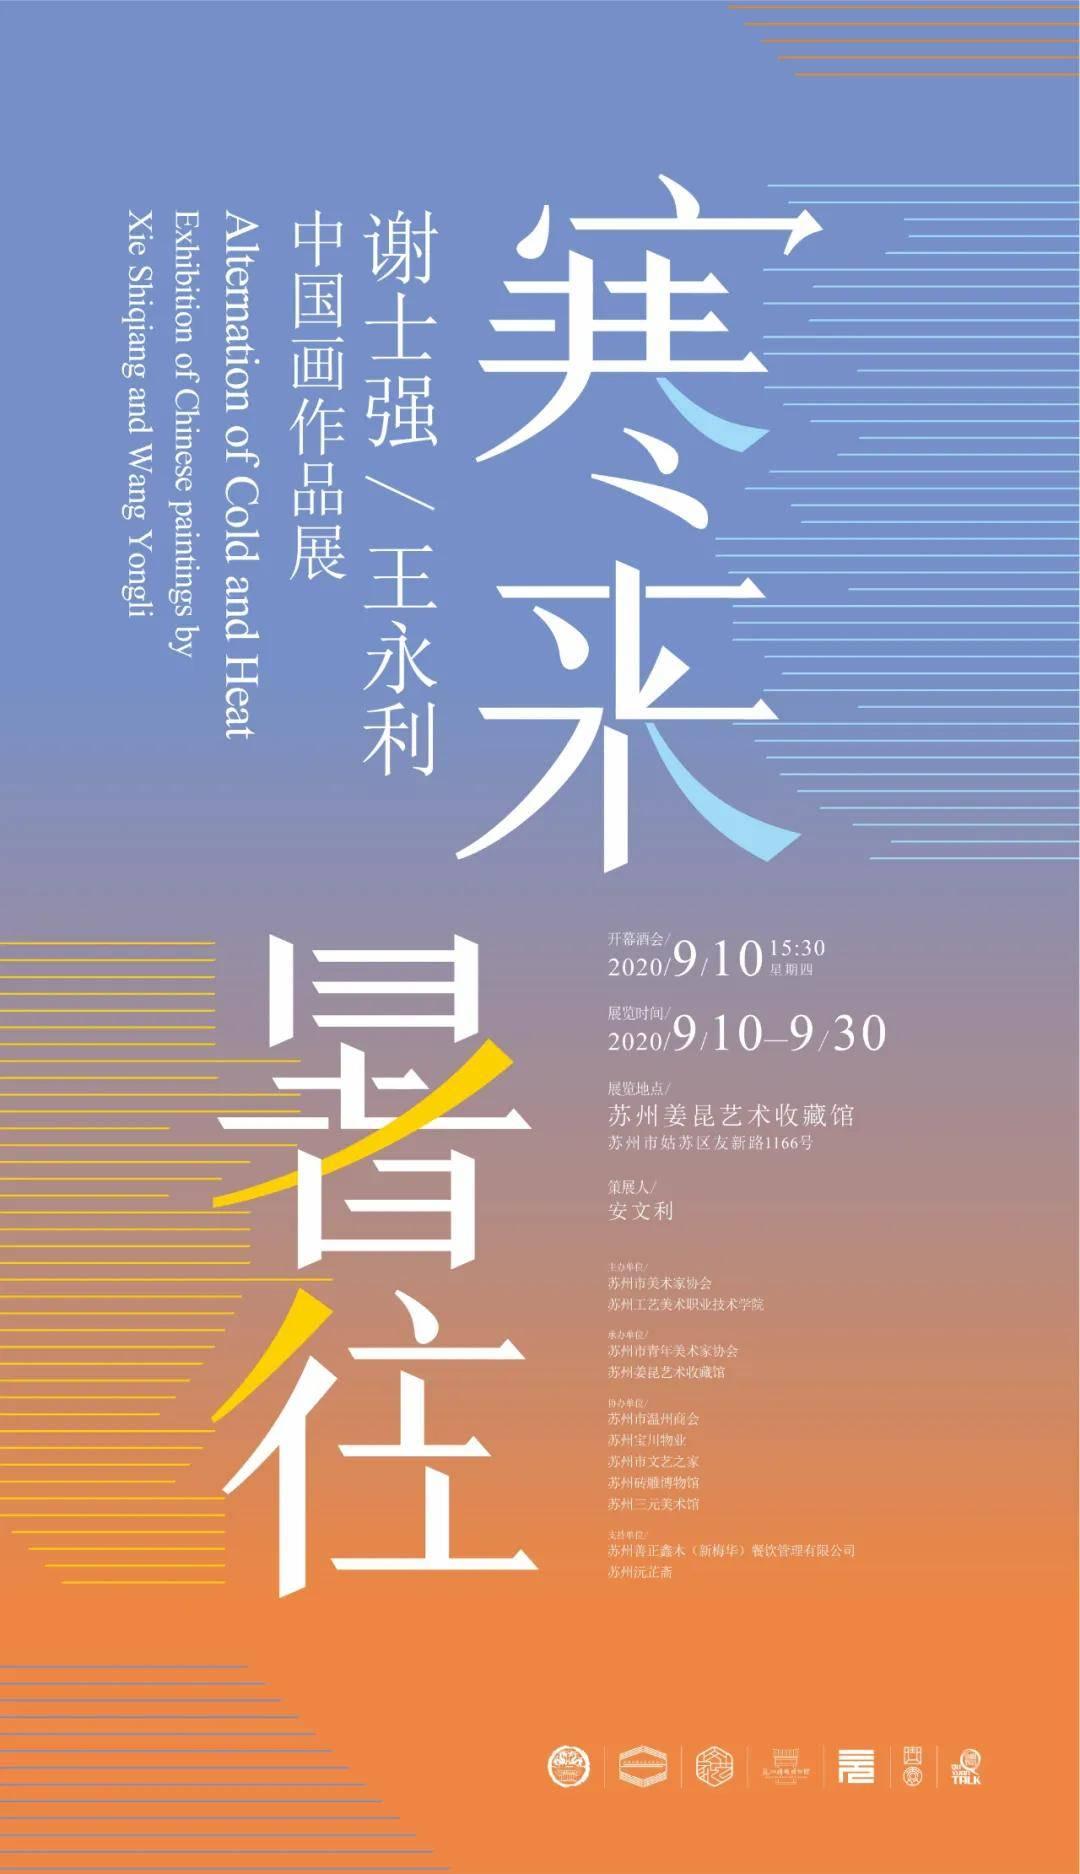 谢士强王永利中国画作品展将于9月10日在苏州姜昆艺术收藏馆开幕